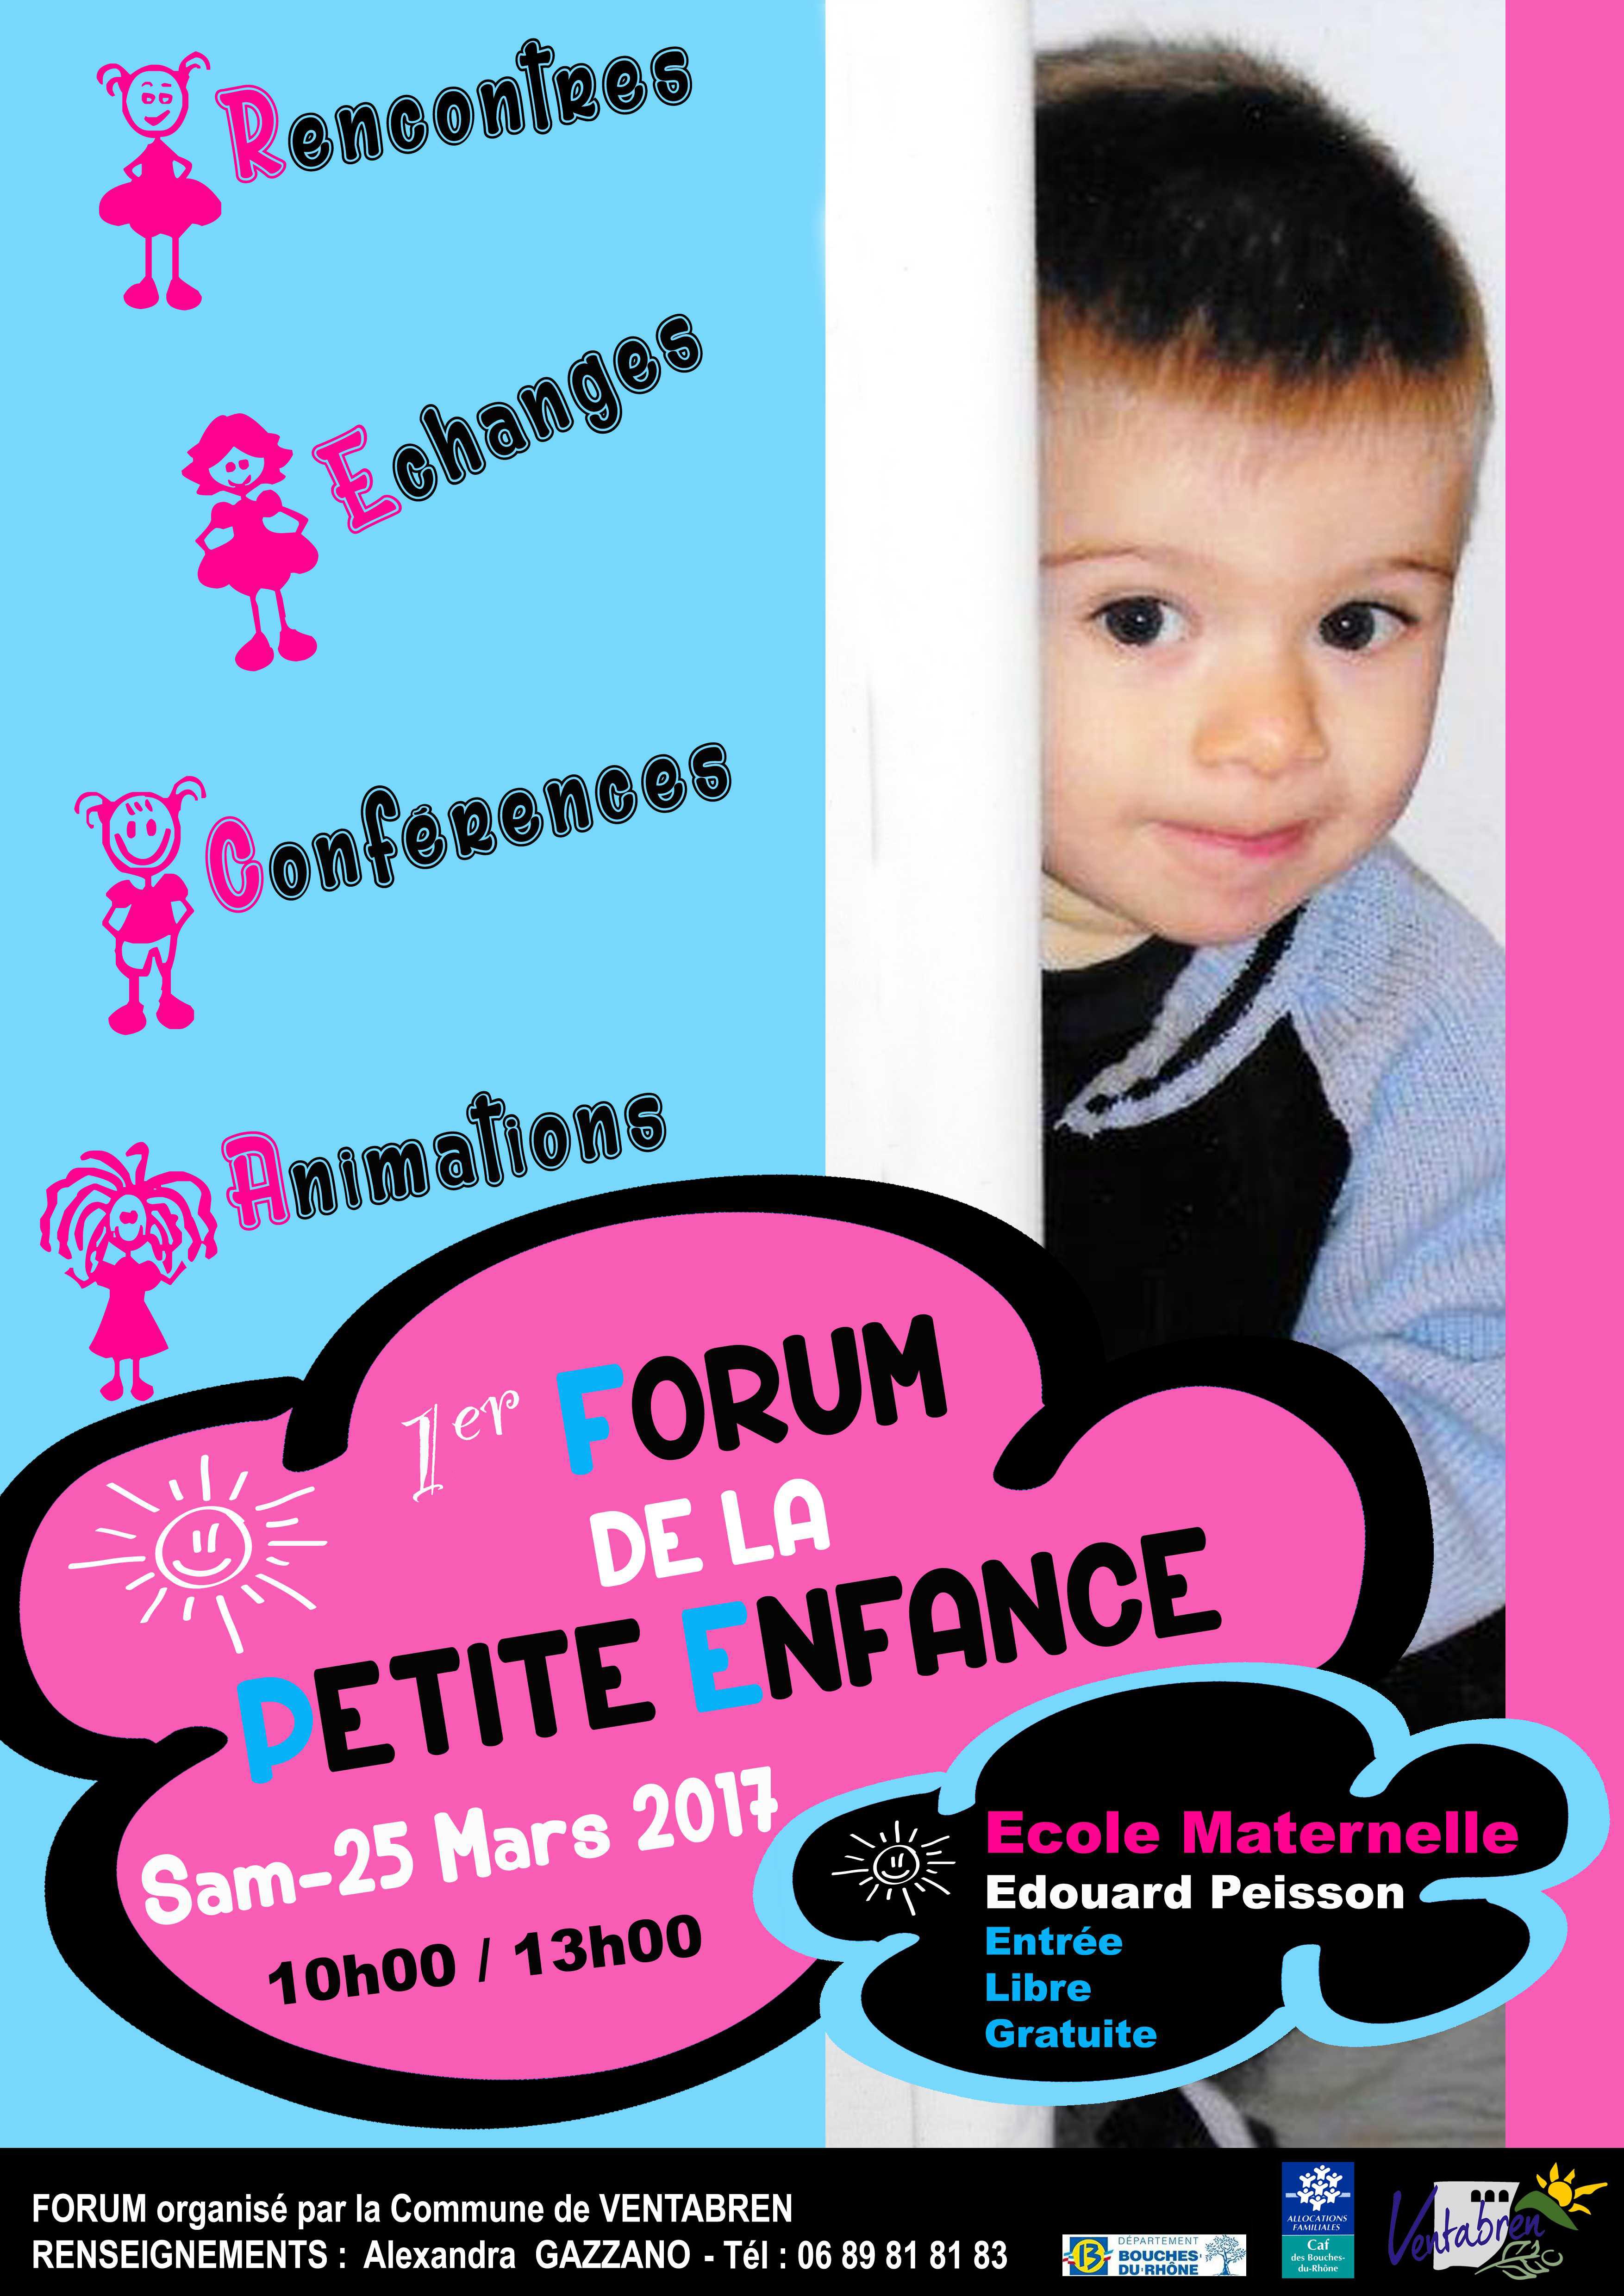 1er Forum de la Petite Enfance